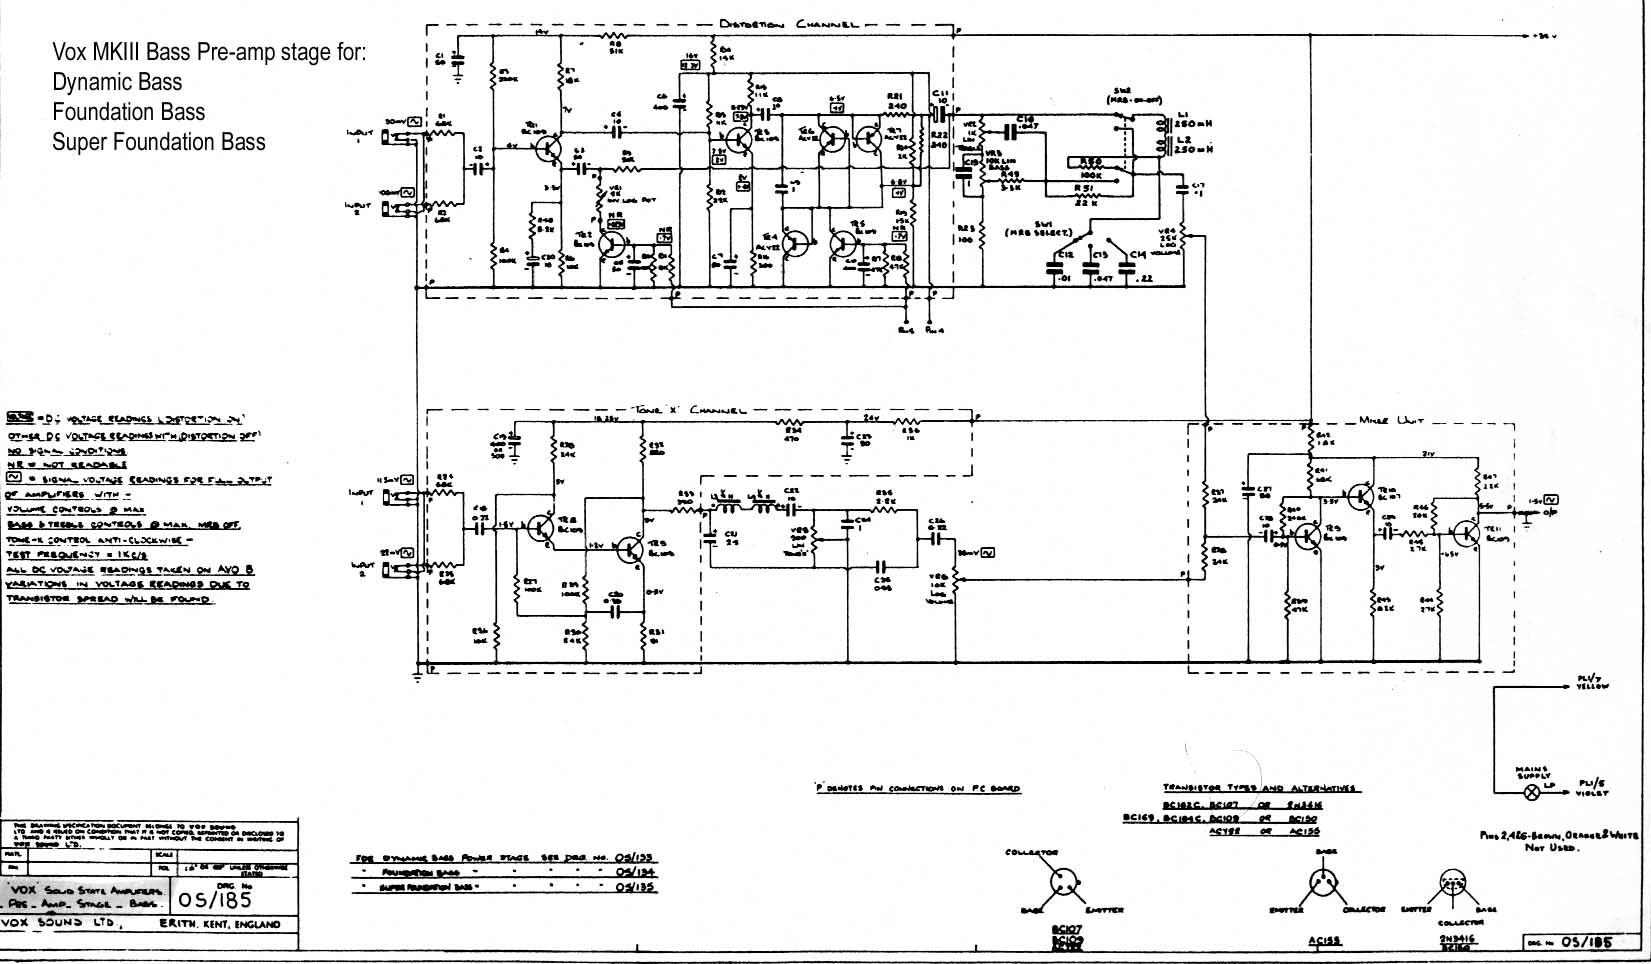 bass guitar amp schematics